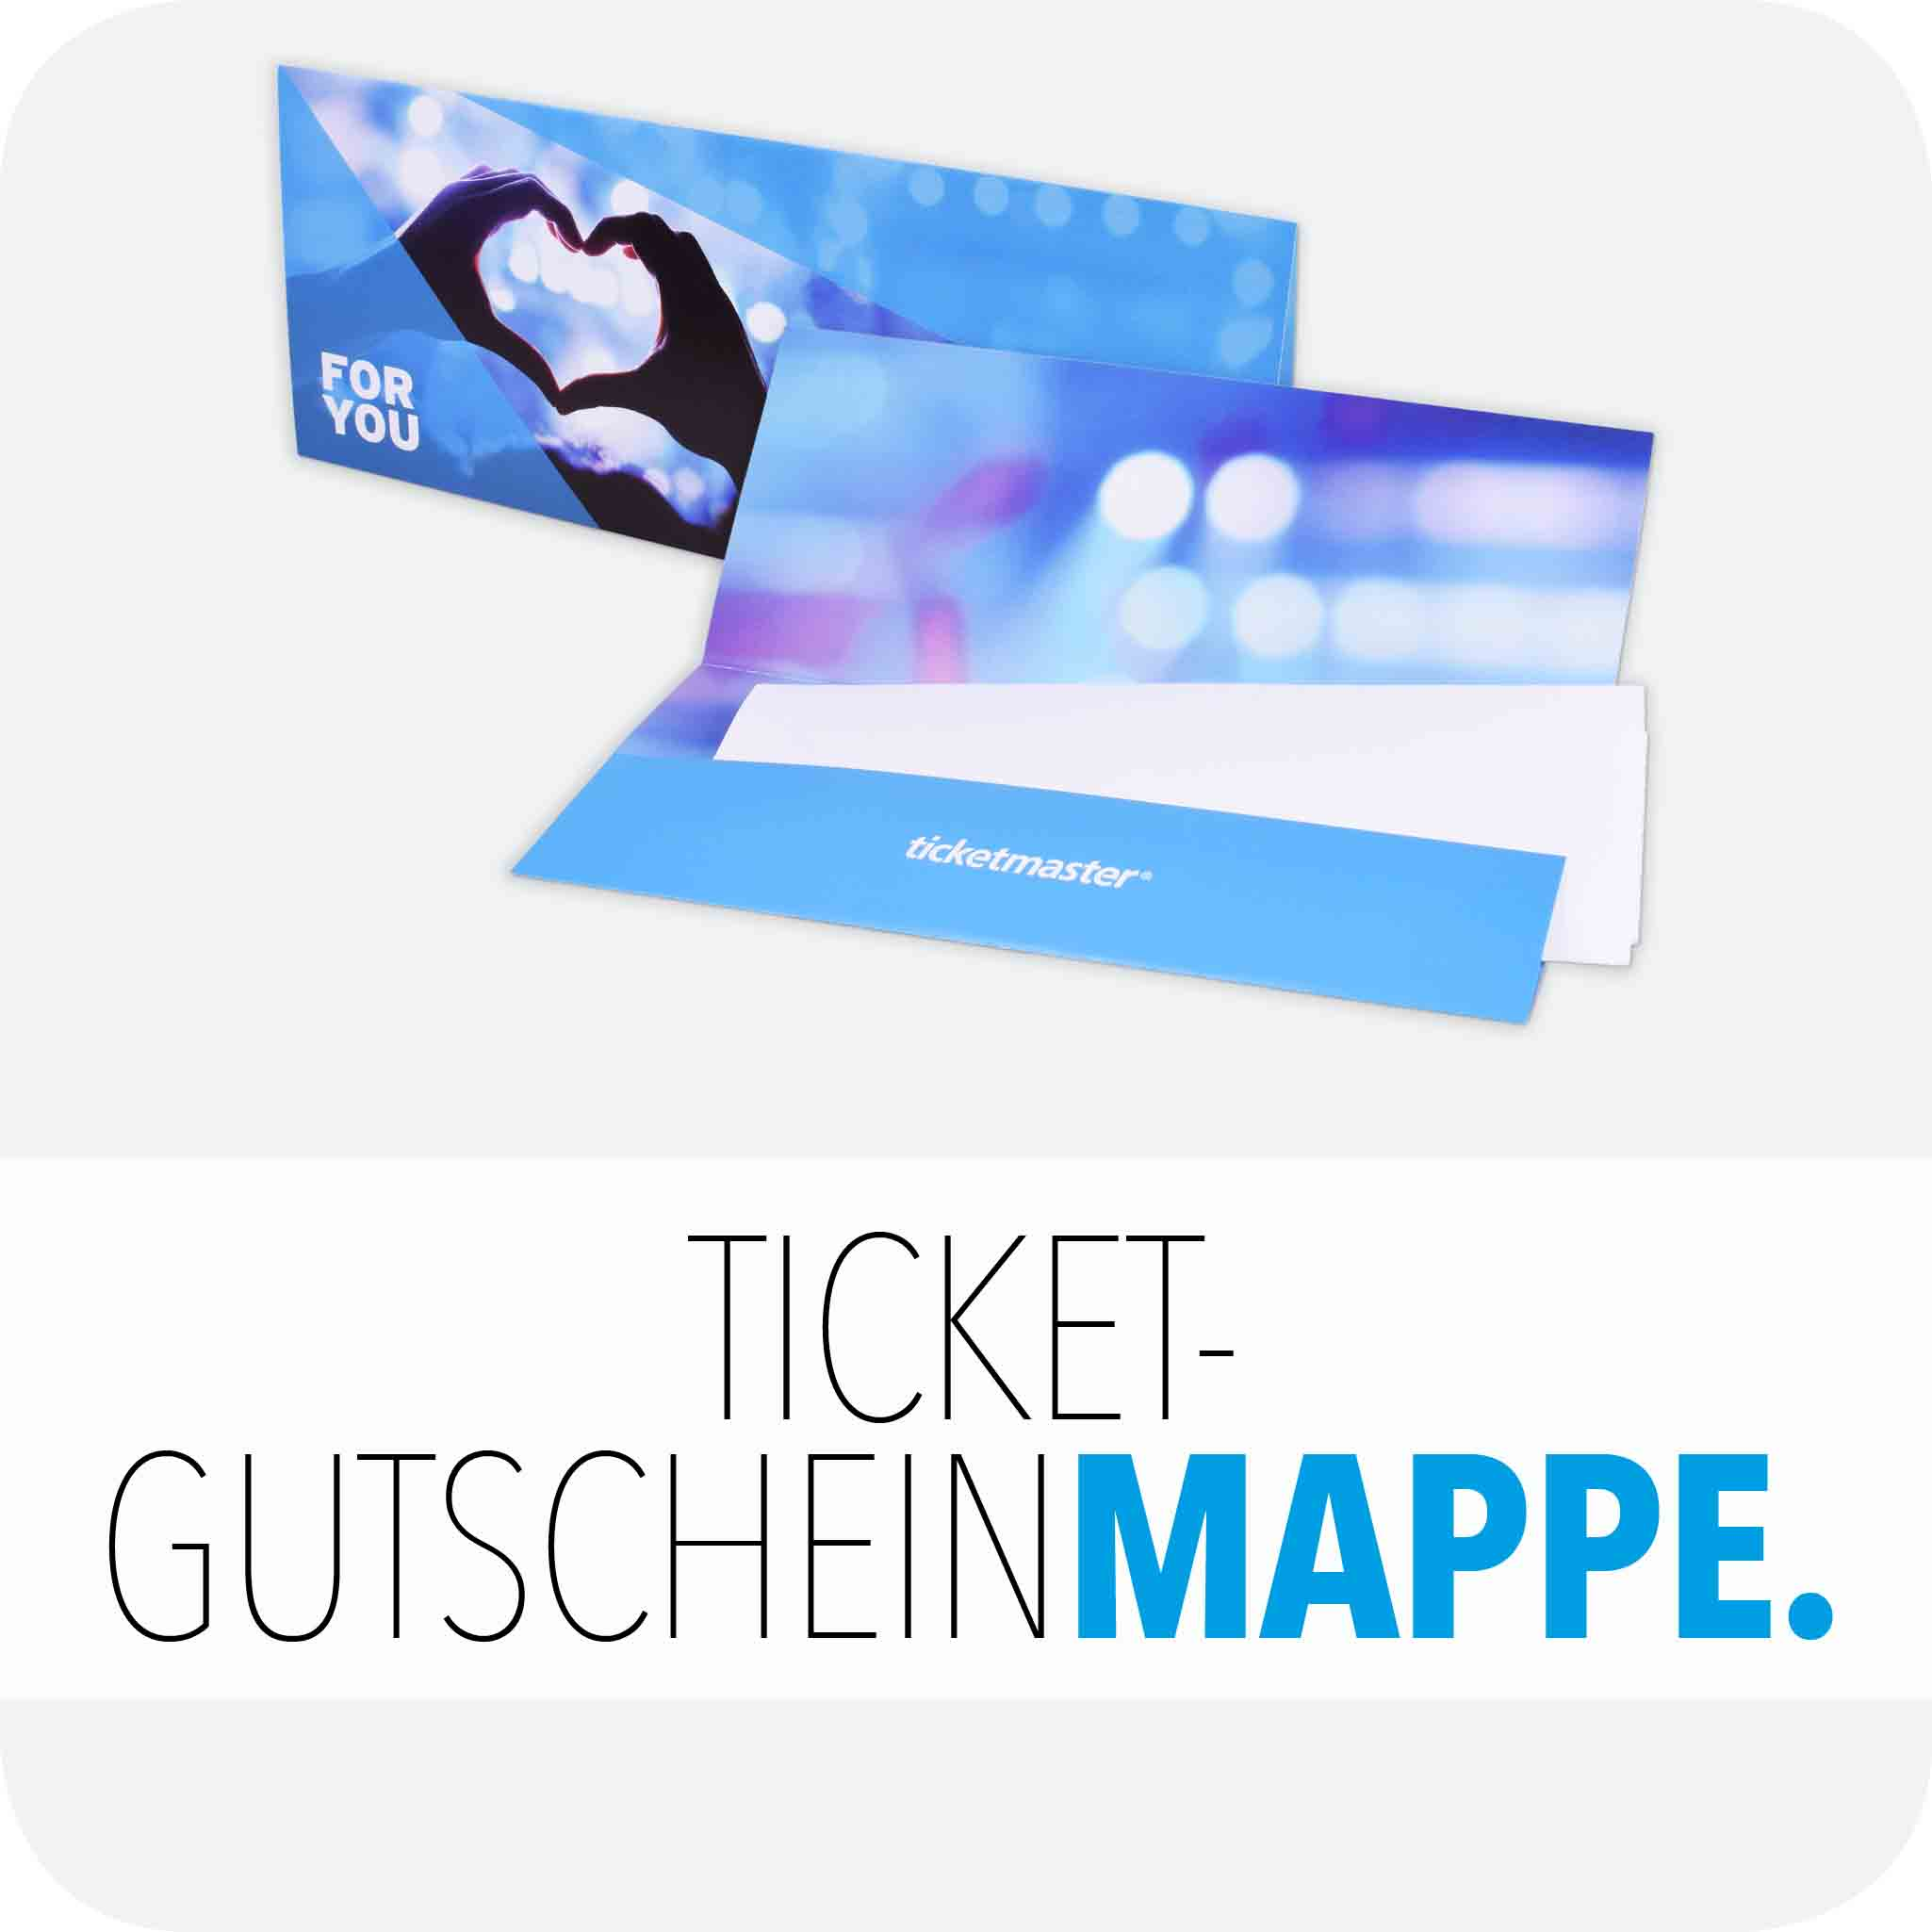 Ticket-/Gutscheinmappe